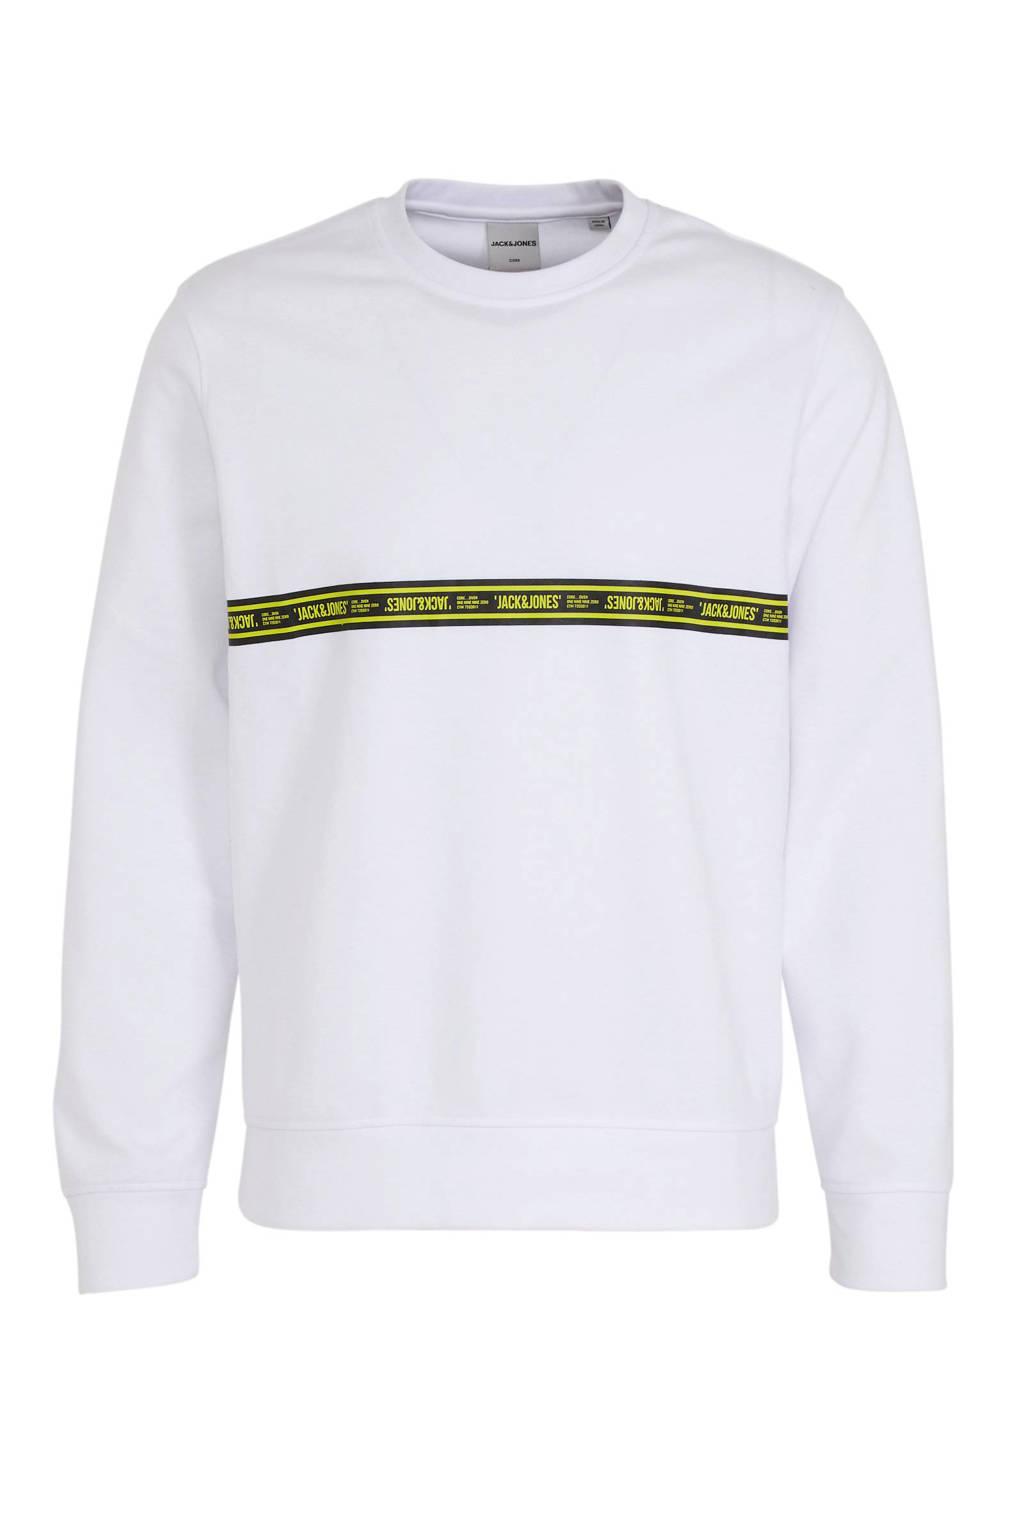 JACK & JONES CORE sweaterToffee met logo wit, Wit